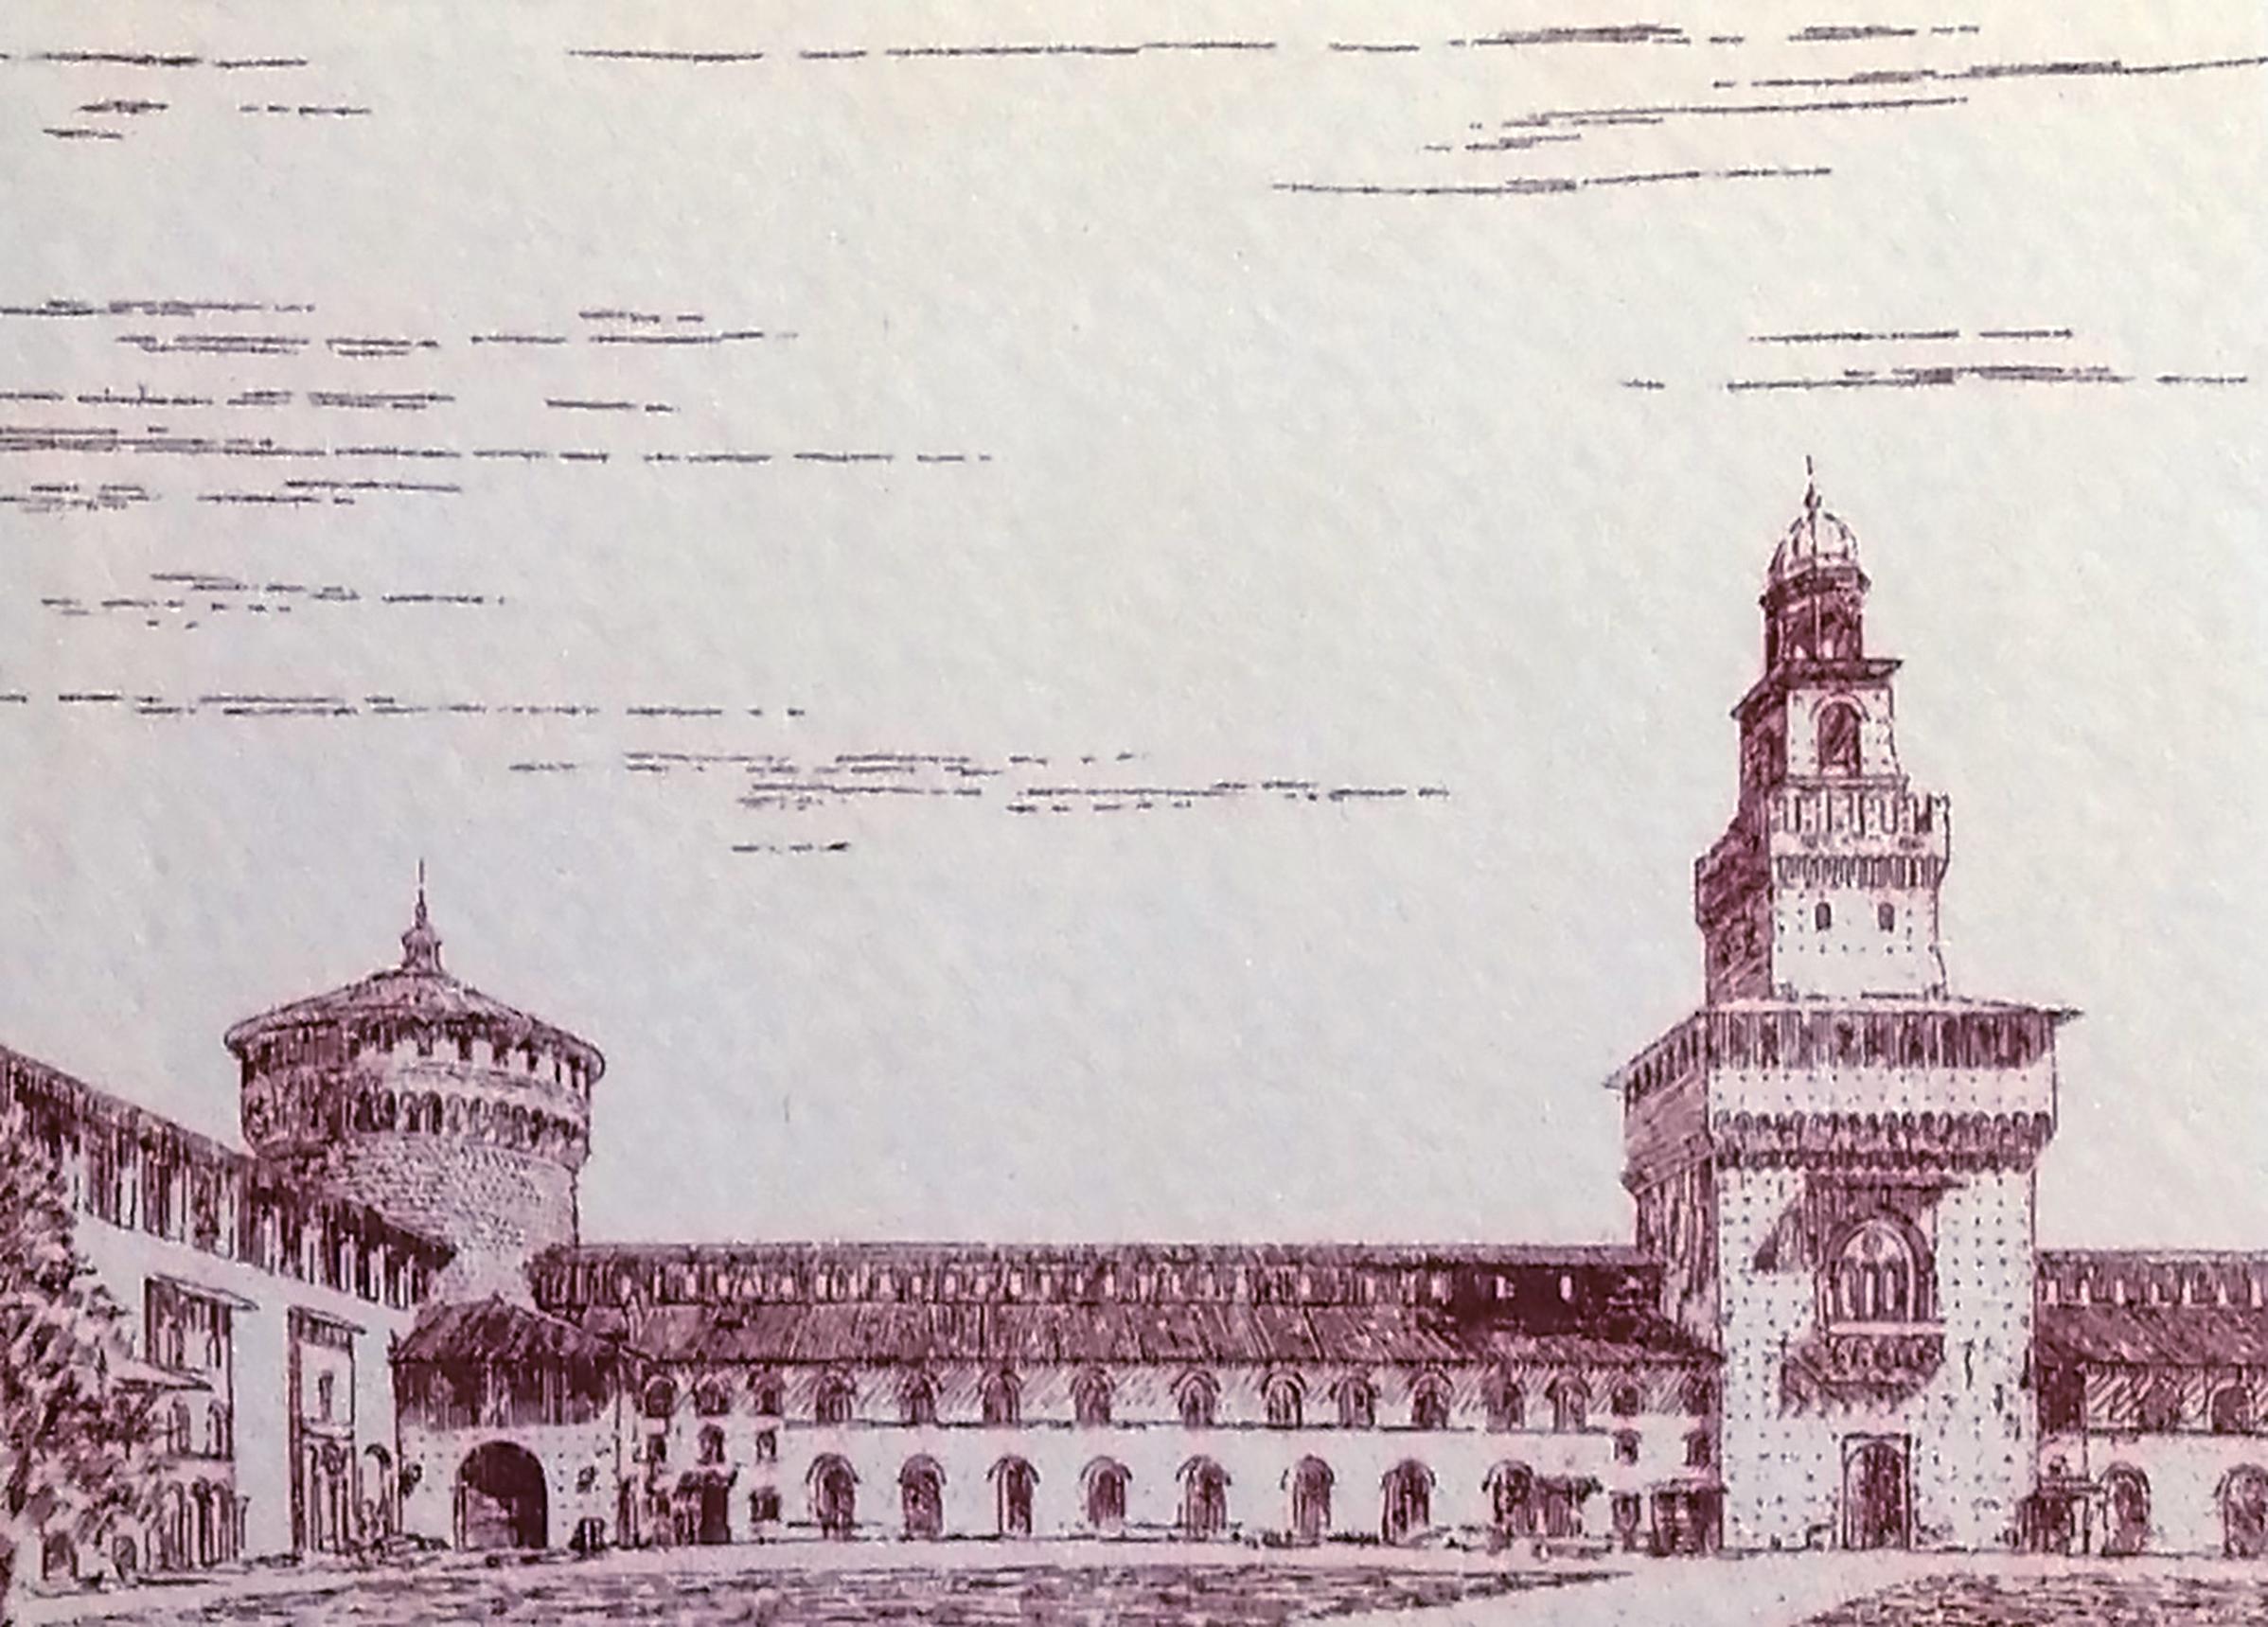 1991 Il Bulino castello Sforzesco Milano imm - Bibliography/ Catalogues